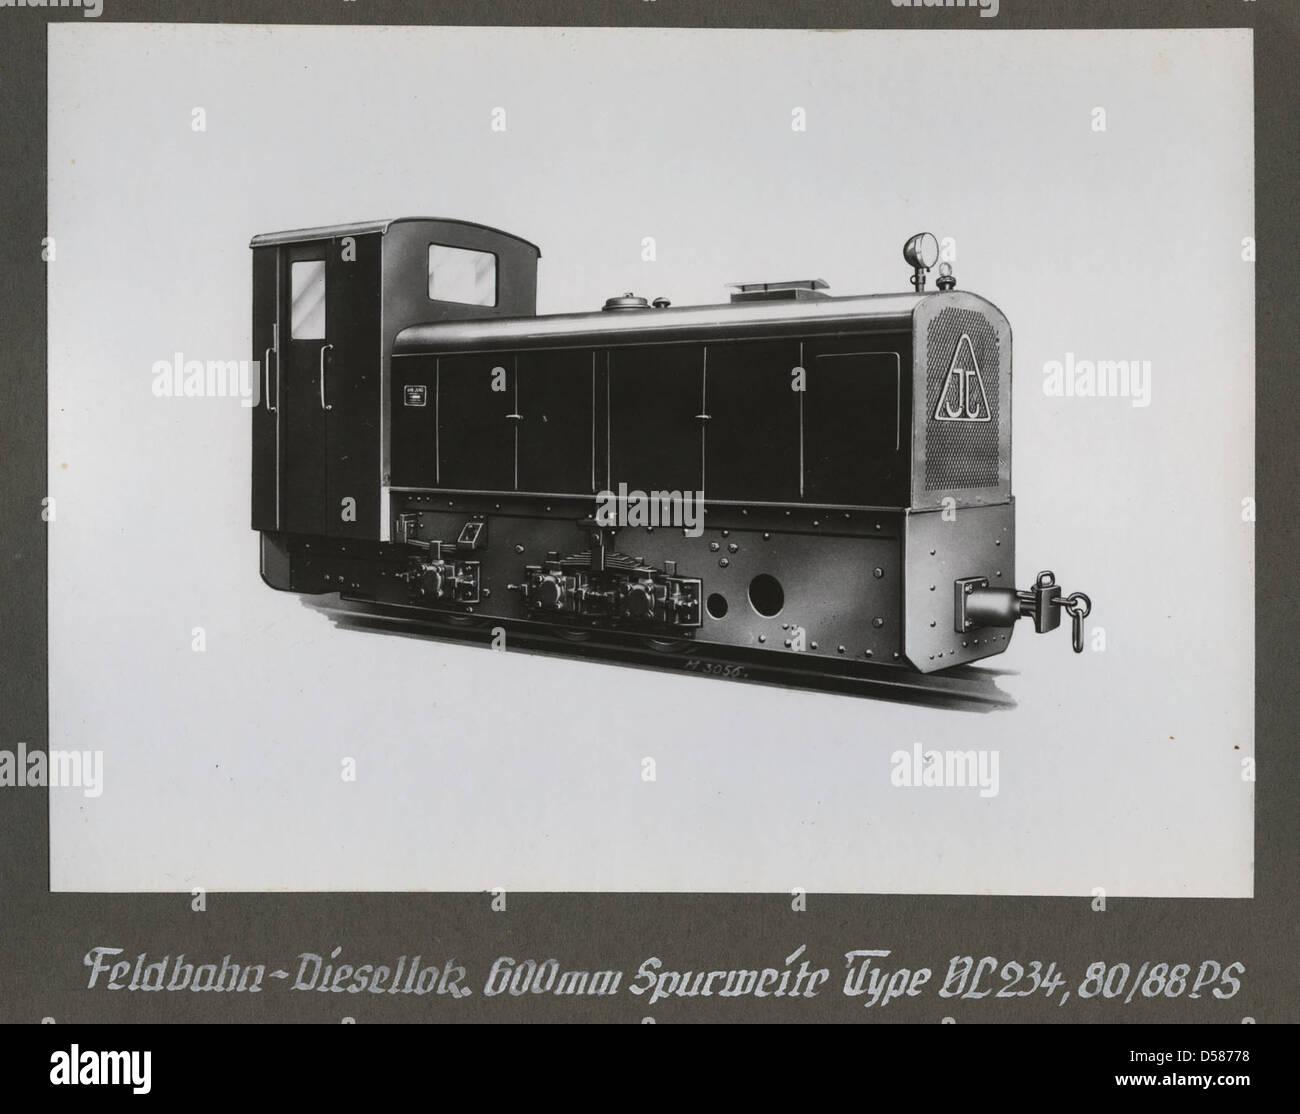 hight resolution of  feldbahn diesellokomotive type vl 234 80 88 ps